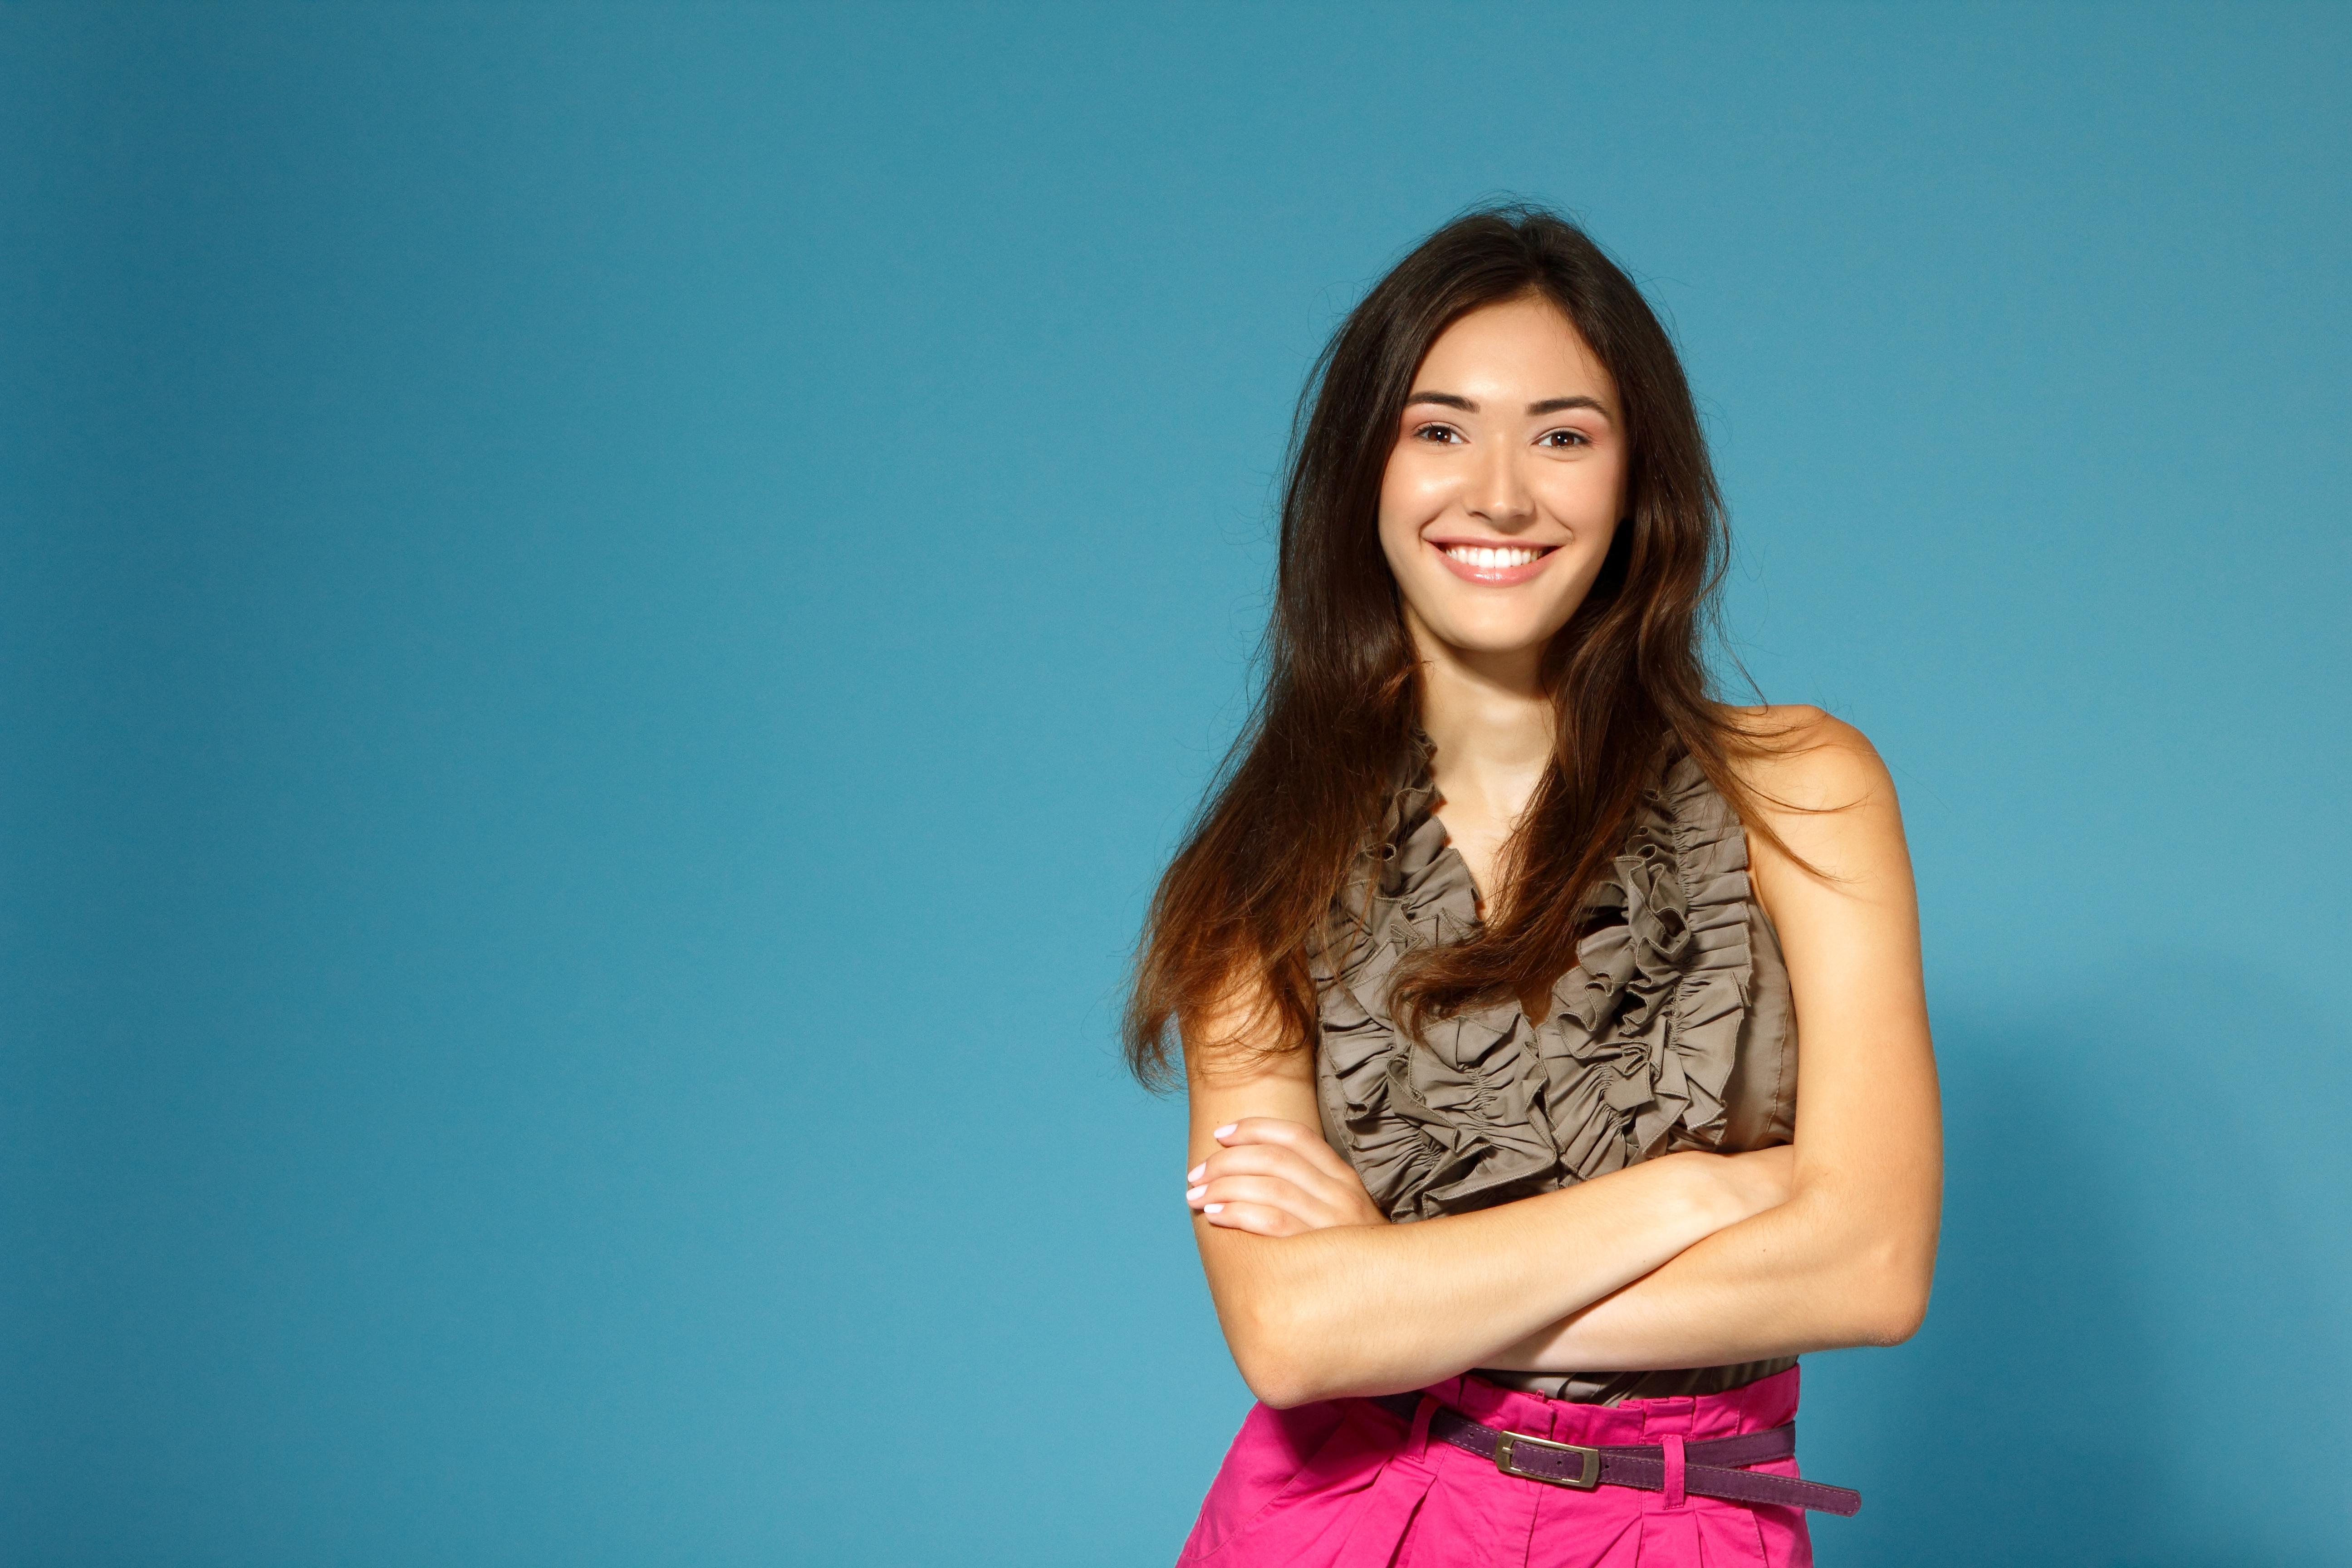 Genom att undvika direkt kända riskfaktorer kan man själv grunda för ett vitare leende.